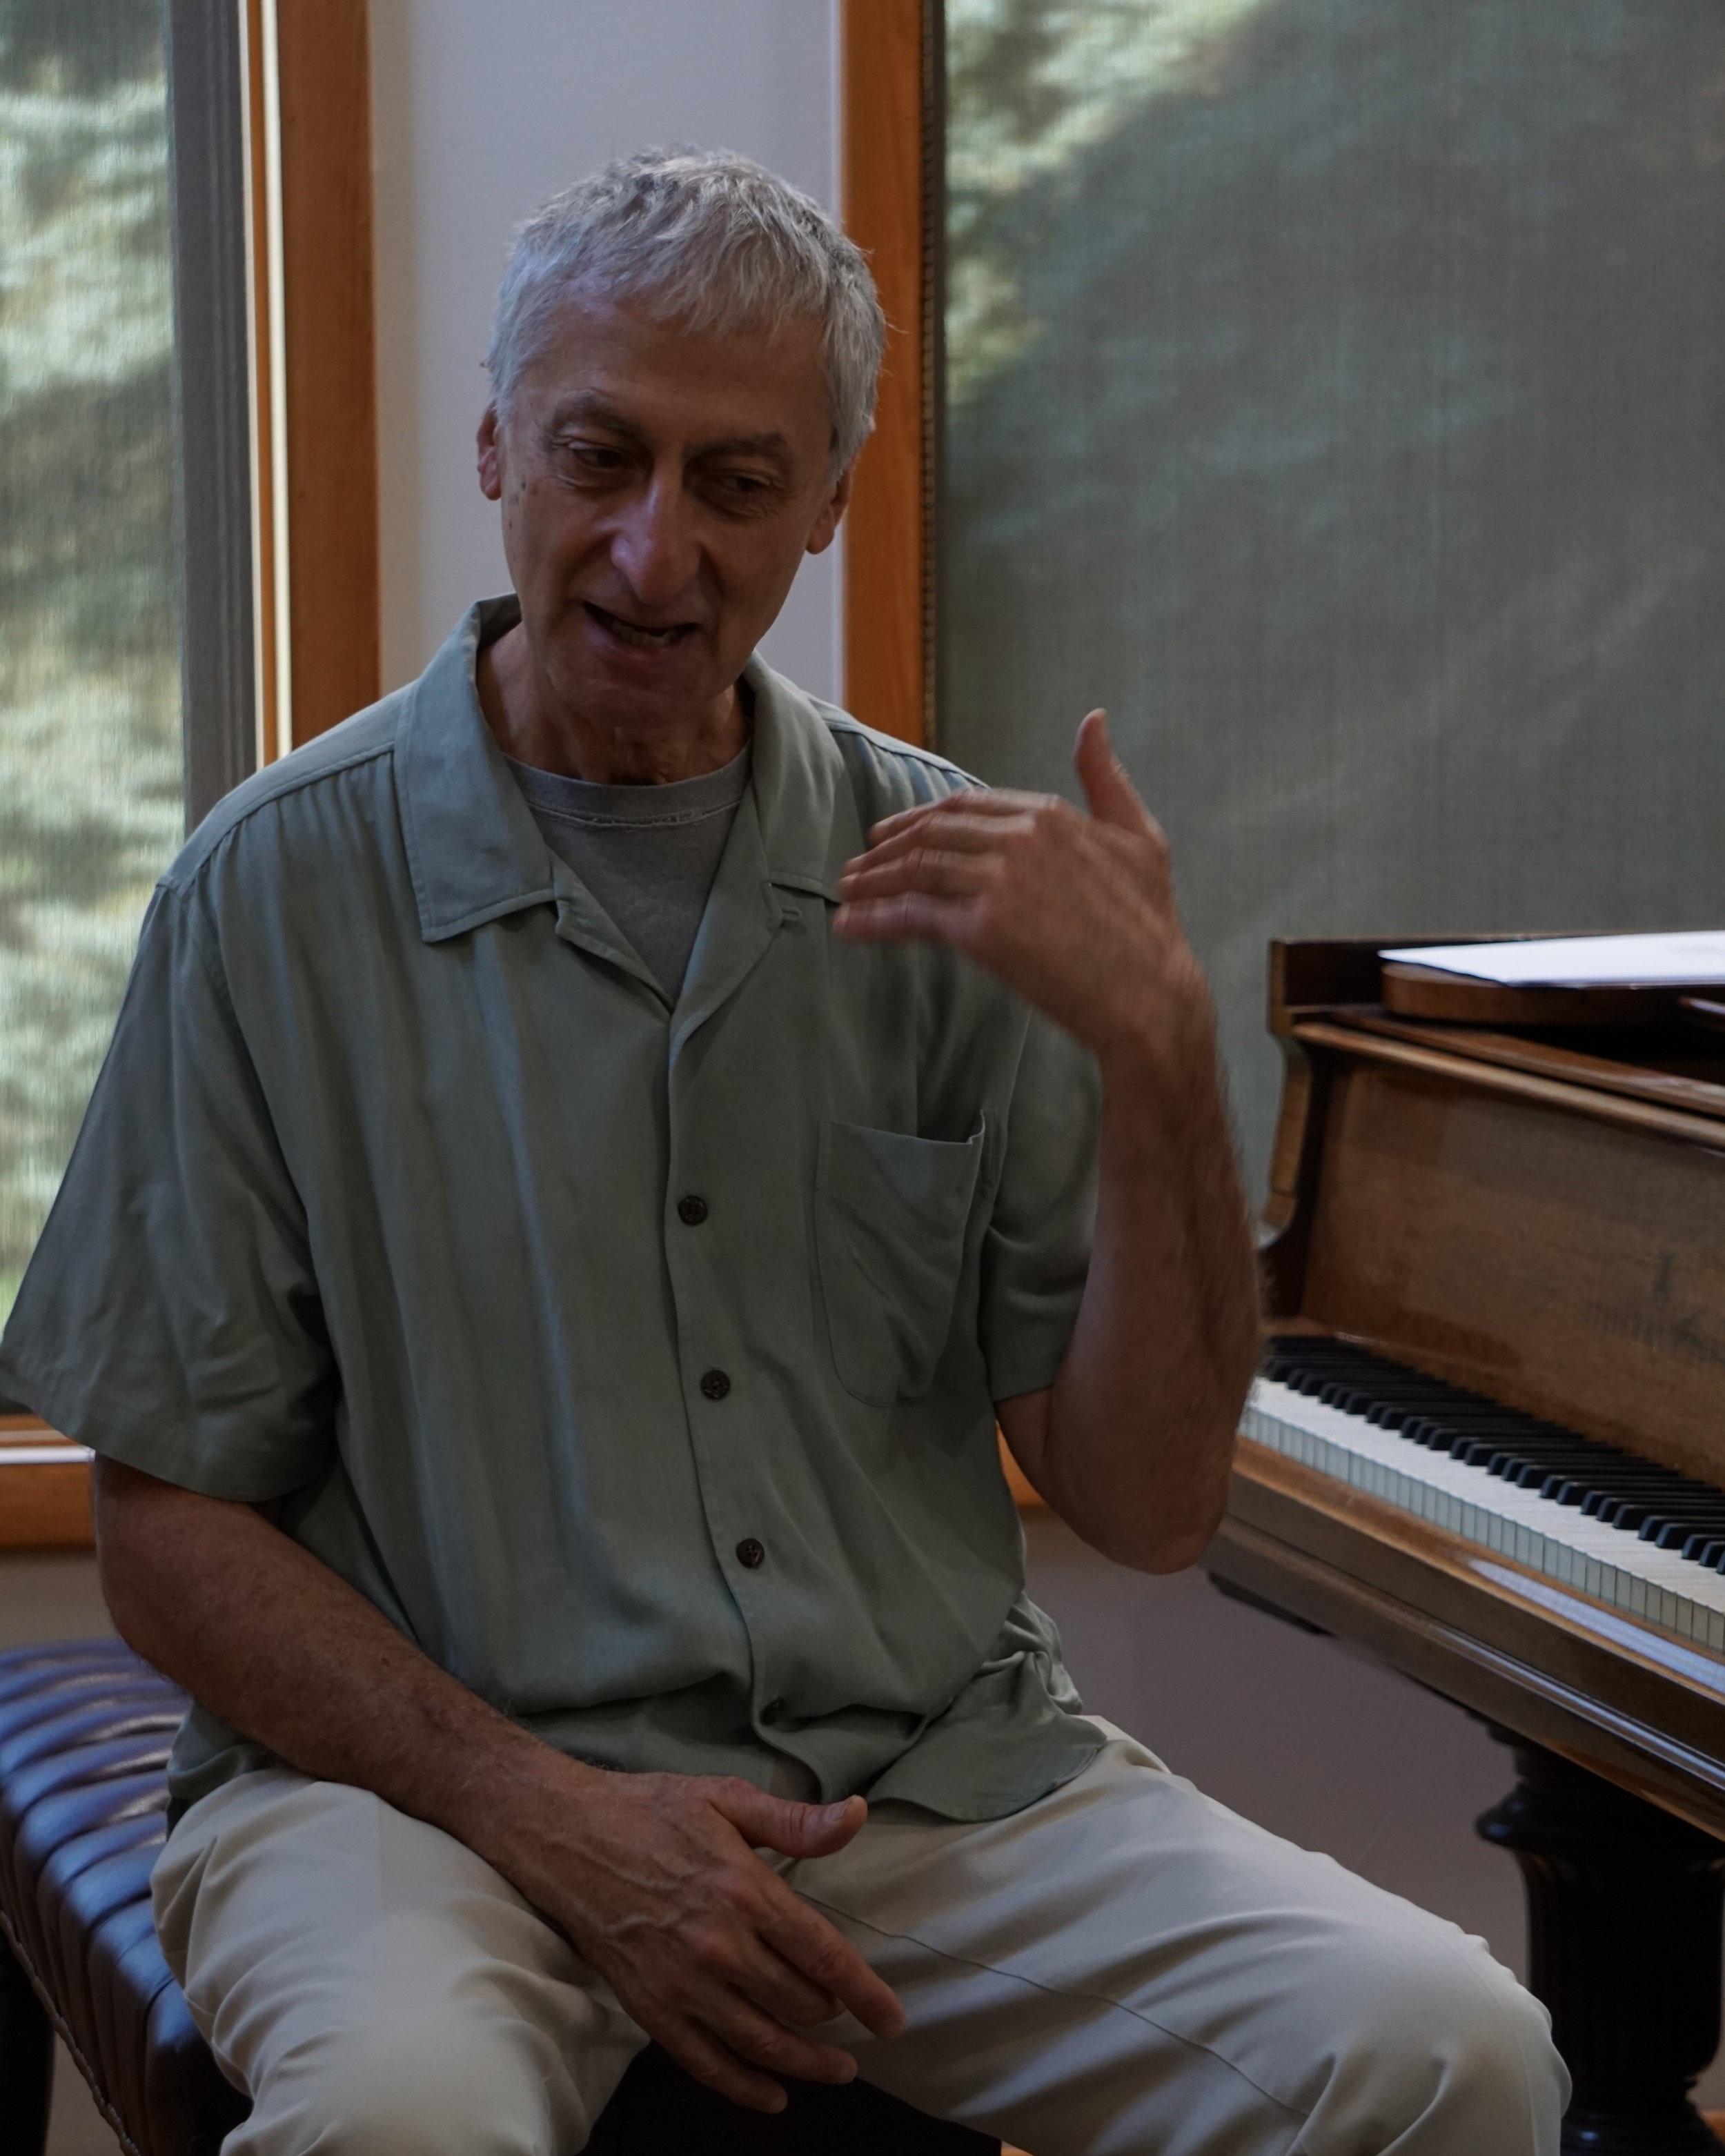 Pianist Armen Donelian, Co-Director